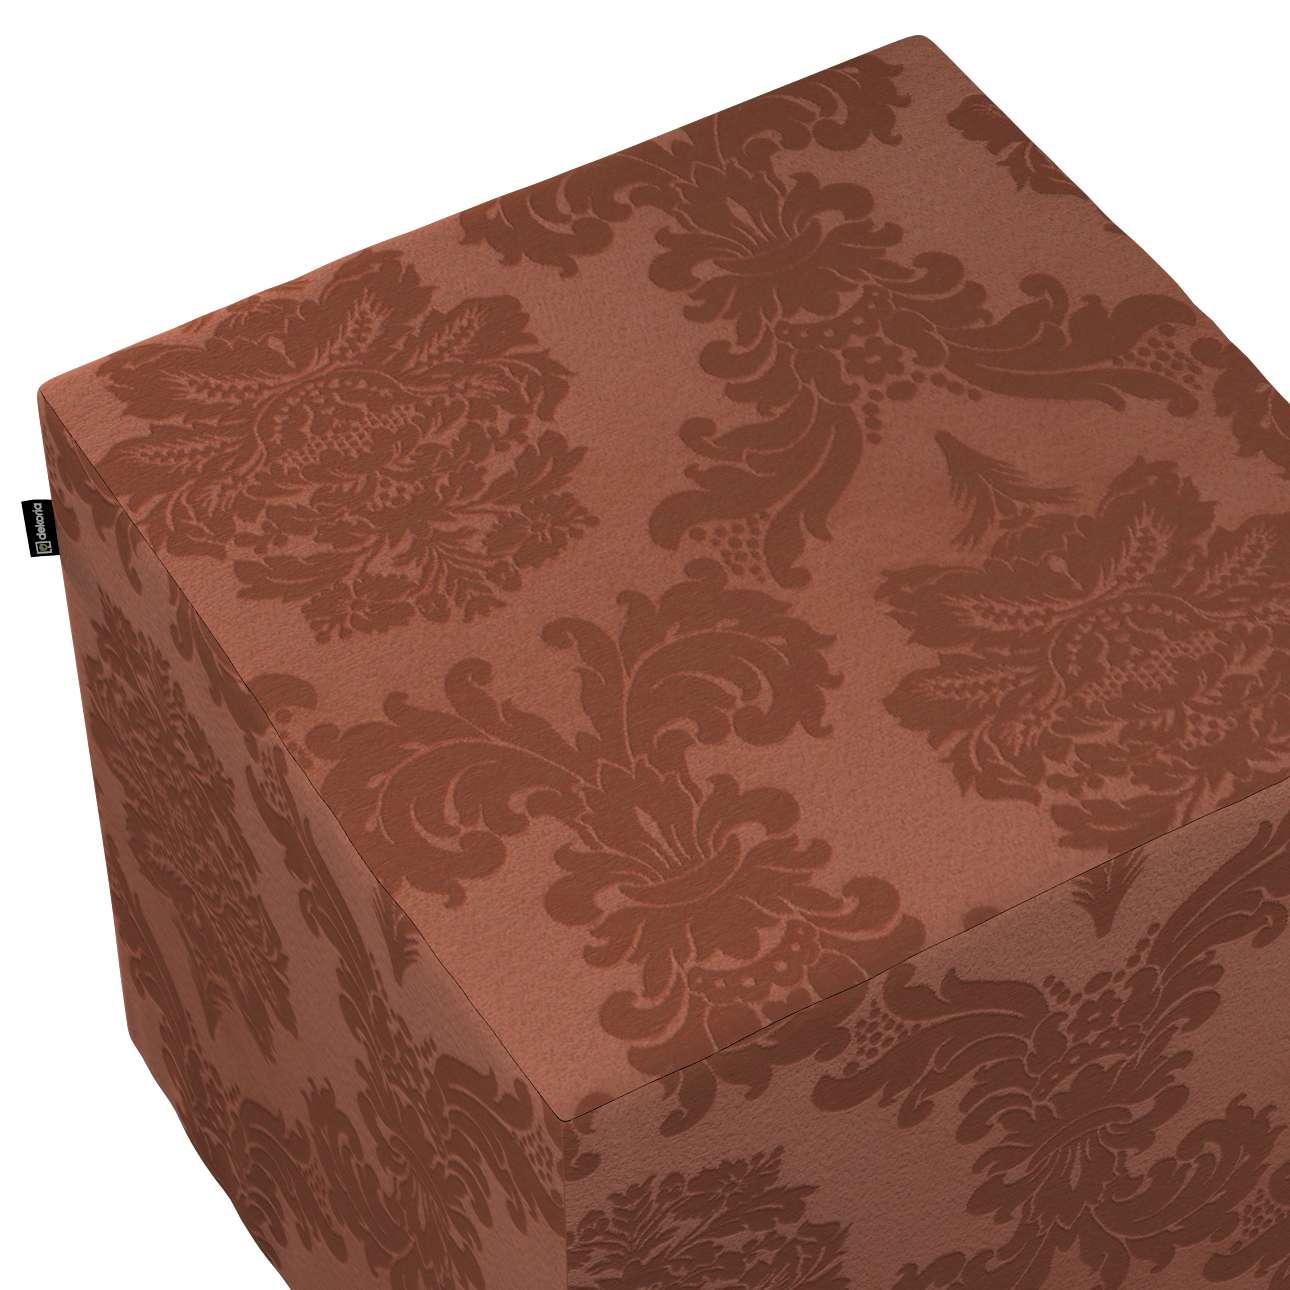 Pokrowiec na pufę kostkę w kolekcji Damasco, tkanina: 613-88